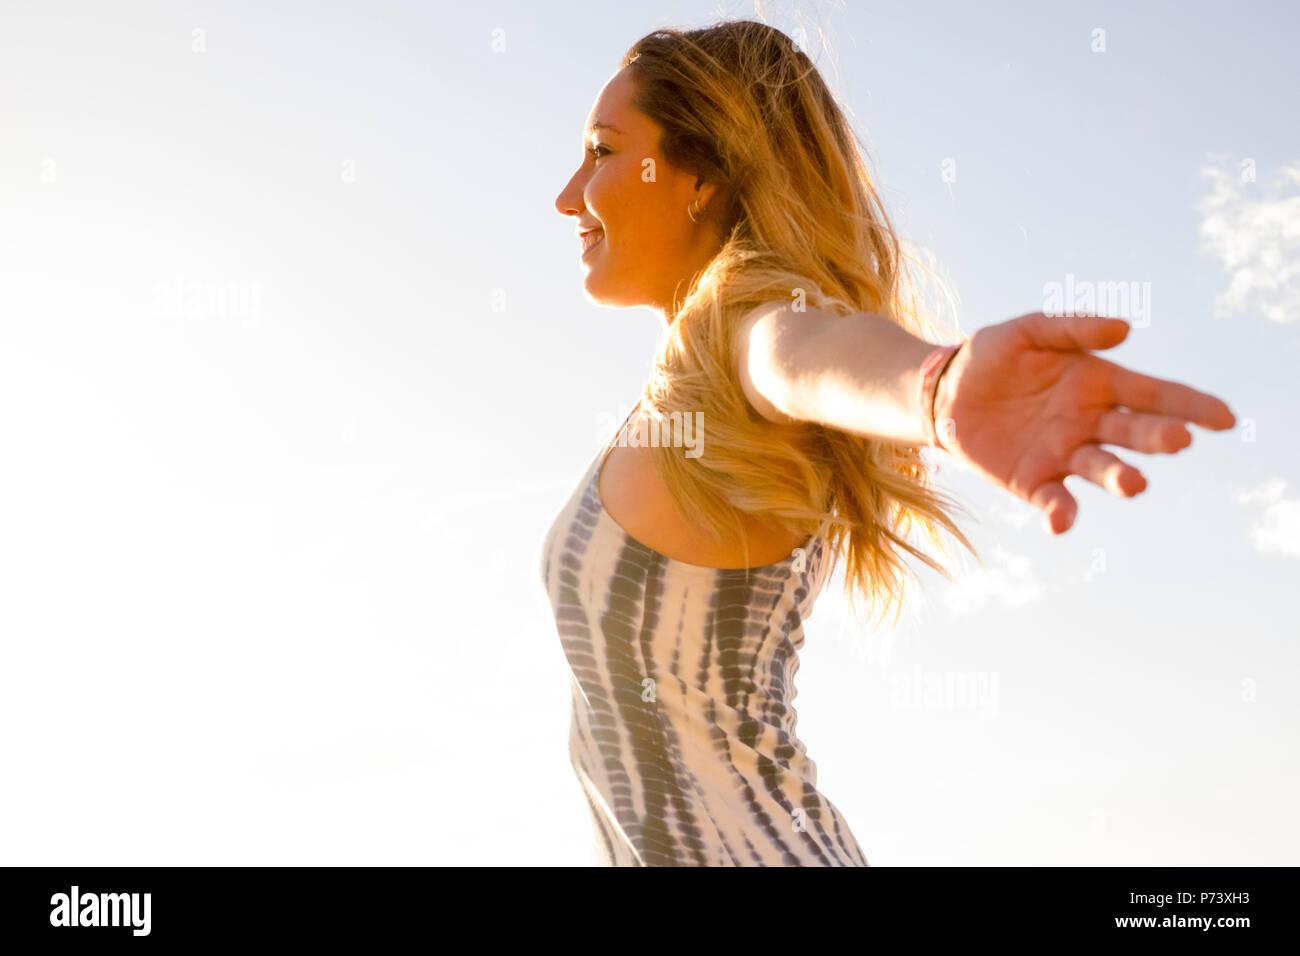 Joven bonita mujer disfrute de su libertad abriendo los brazos. Vida independiente y sentirse bien con el mundo. Abrazo a todos con la satisfacción con la felicidad en el exterior. Imagen De Stock